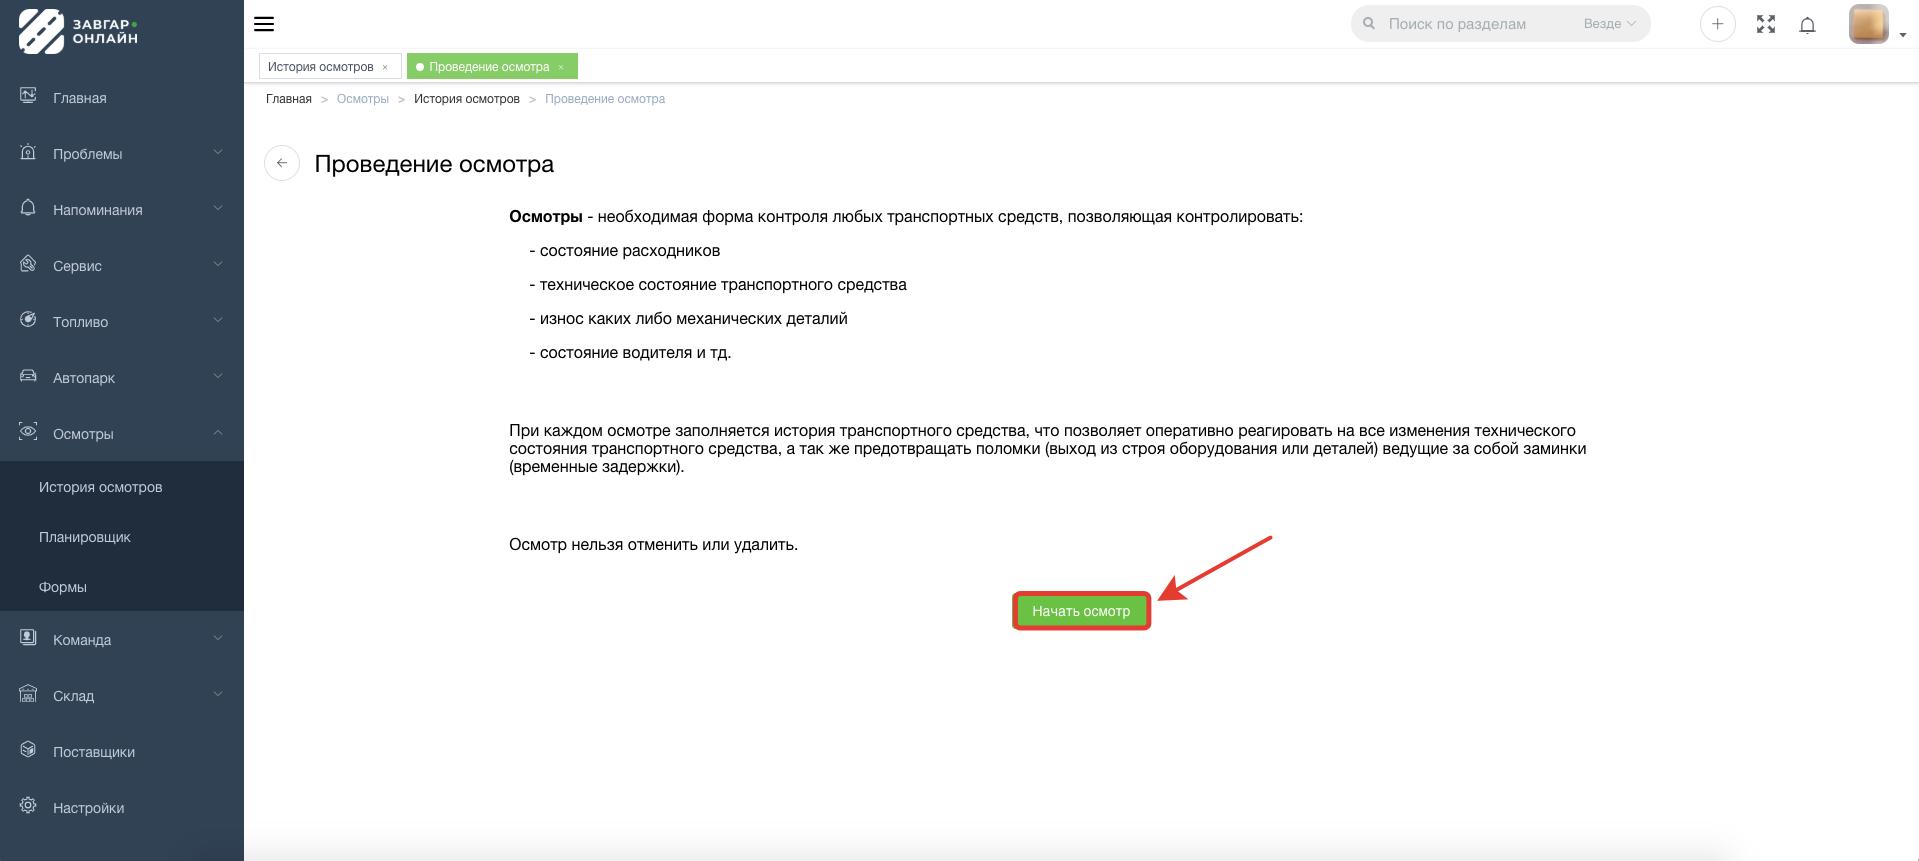 Веб-интерфейс Завгар Онлайн - прохождение электронного технического осмотра 4